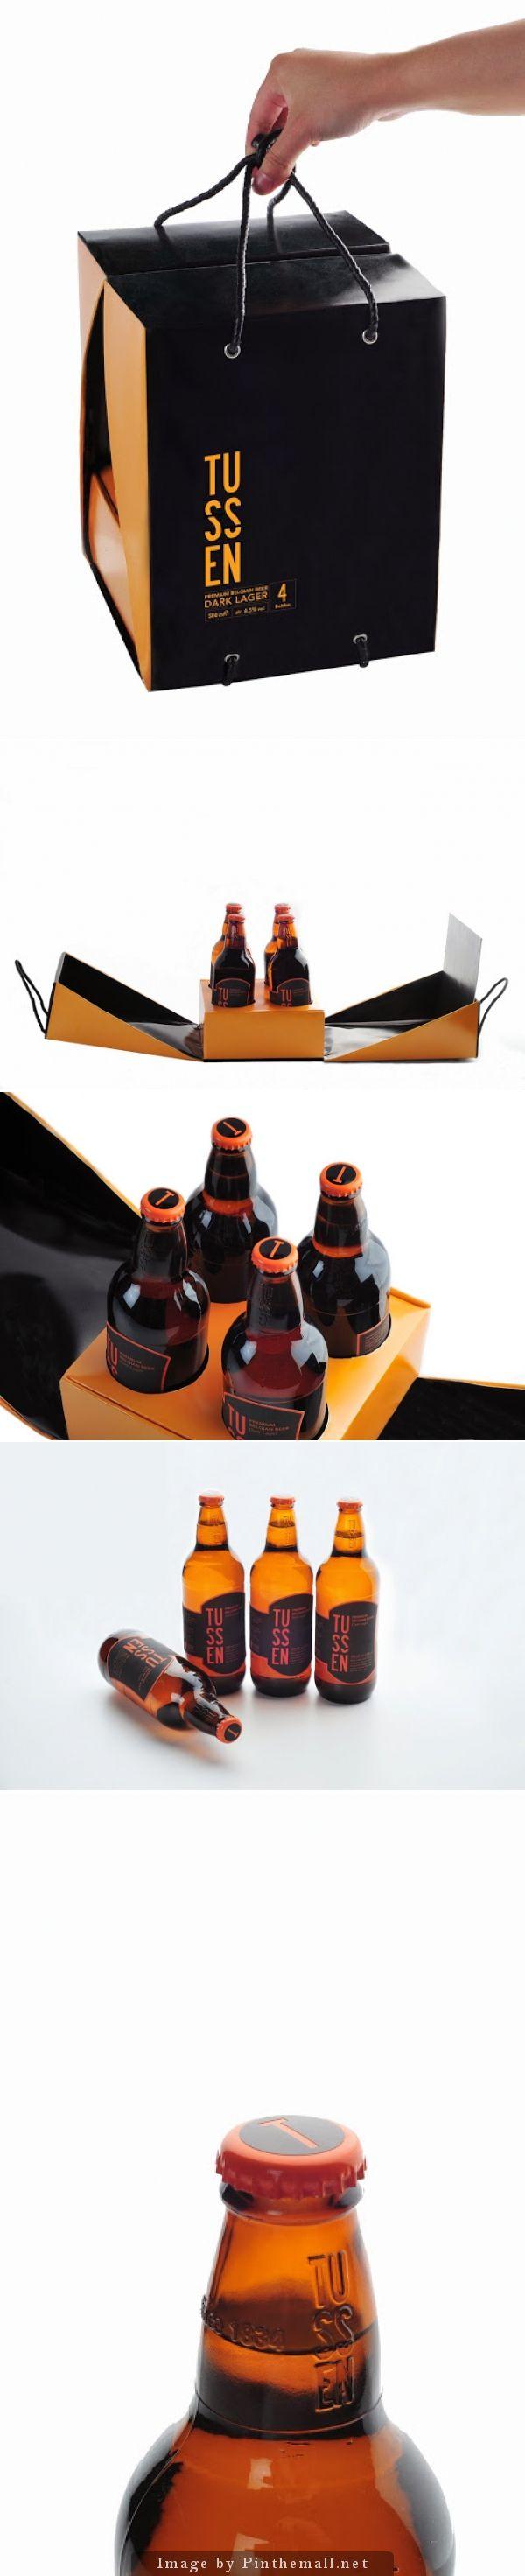 TUSSEN Premium Belgian Beer (Student Project)  cool packaging